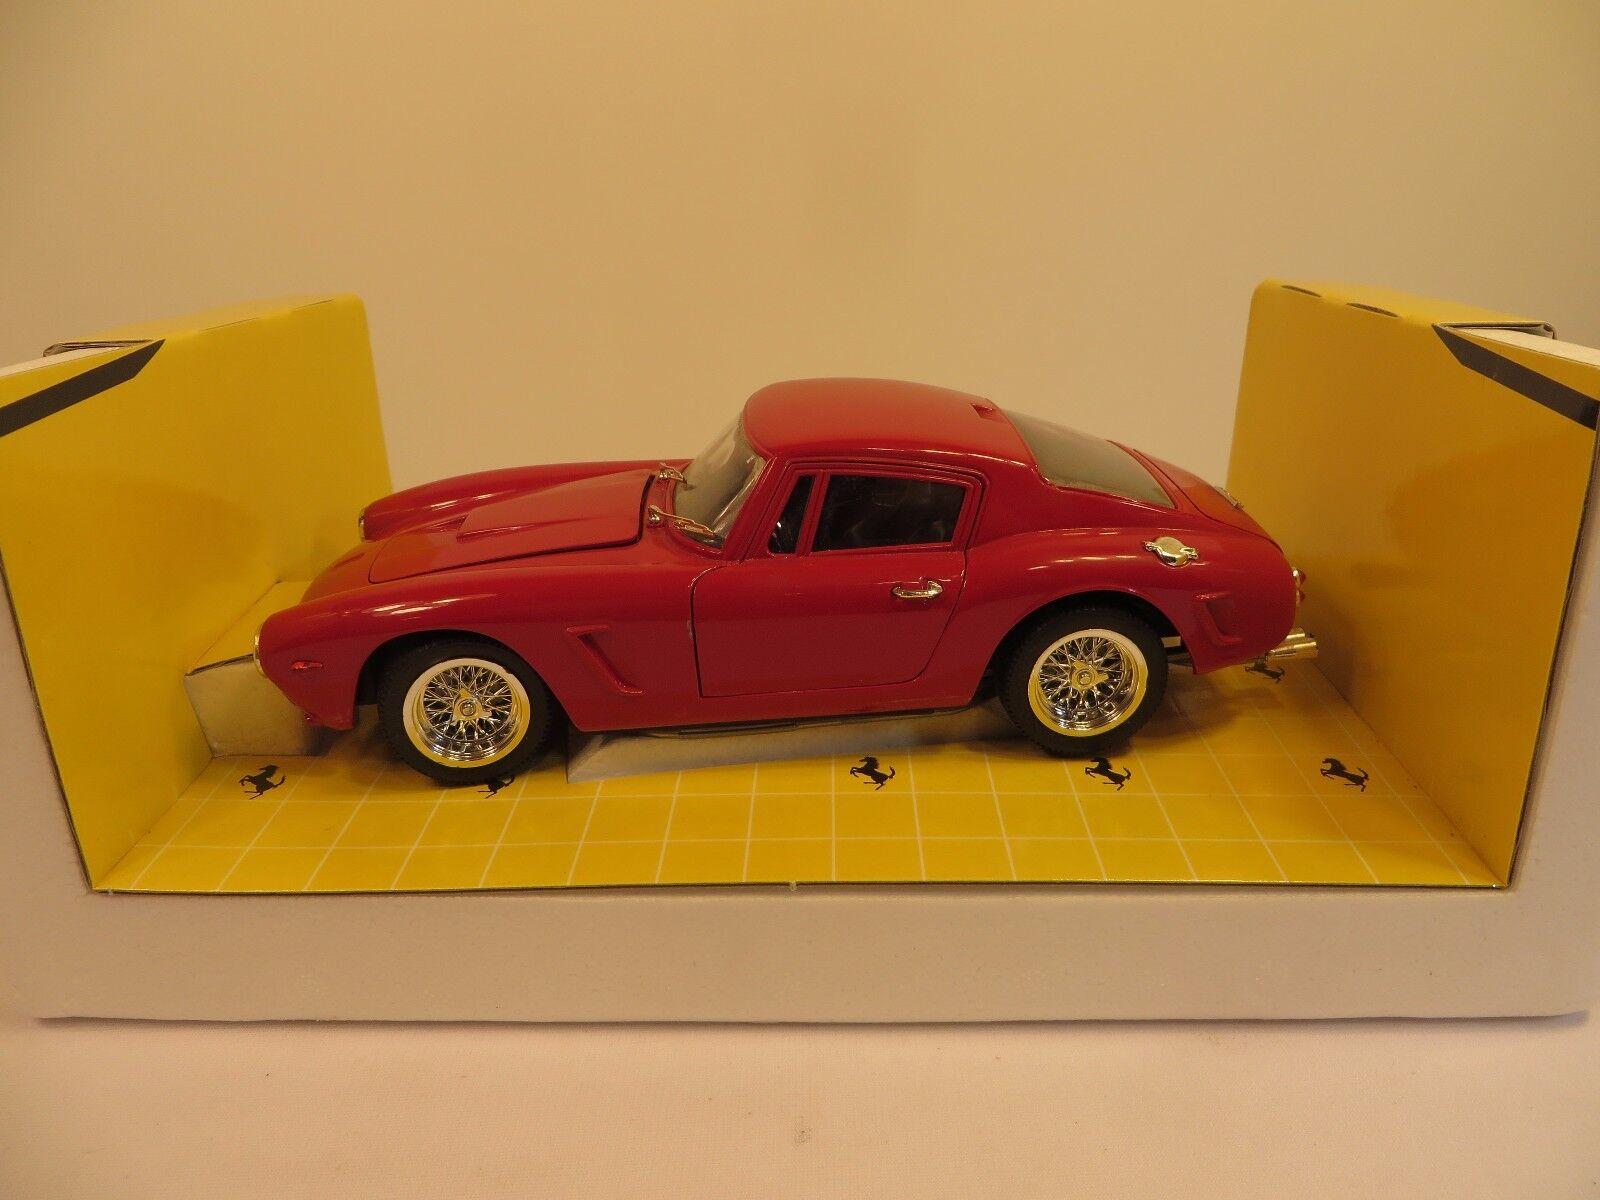 Jouef entwicklung 1,18 1961 ferrari 250 gt berlinette rote kiste   3012 italien selten